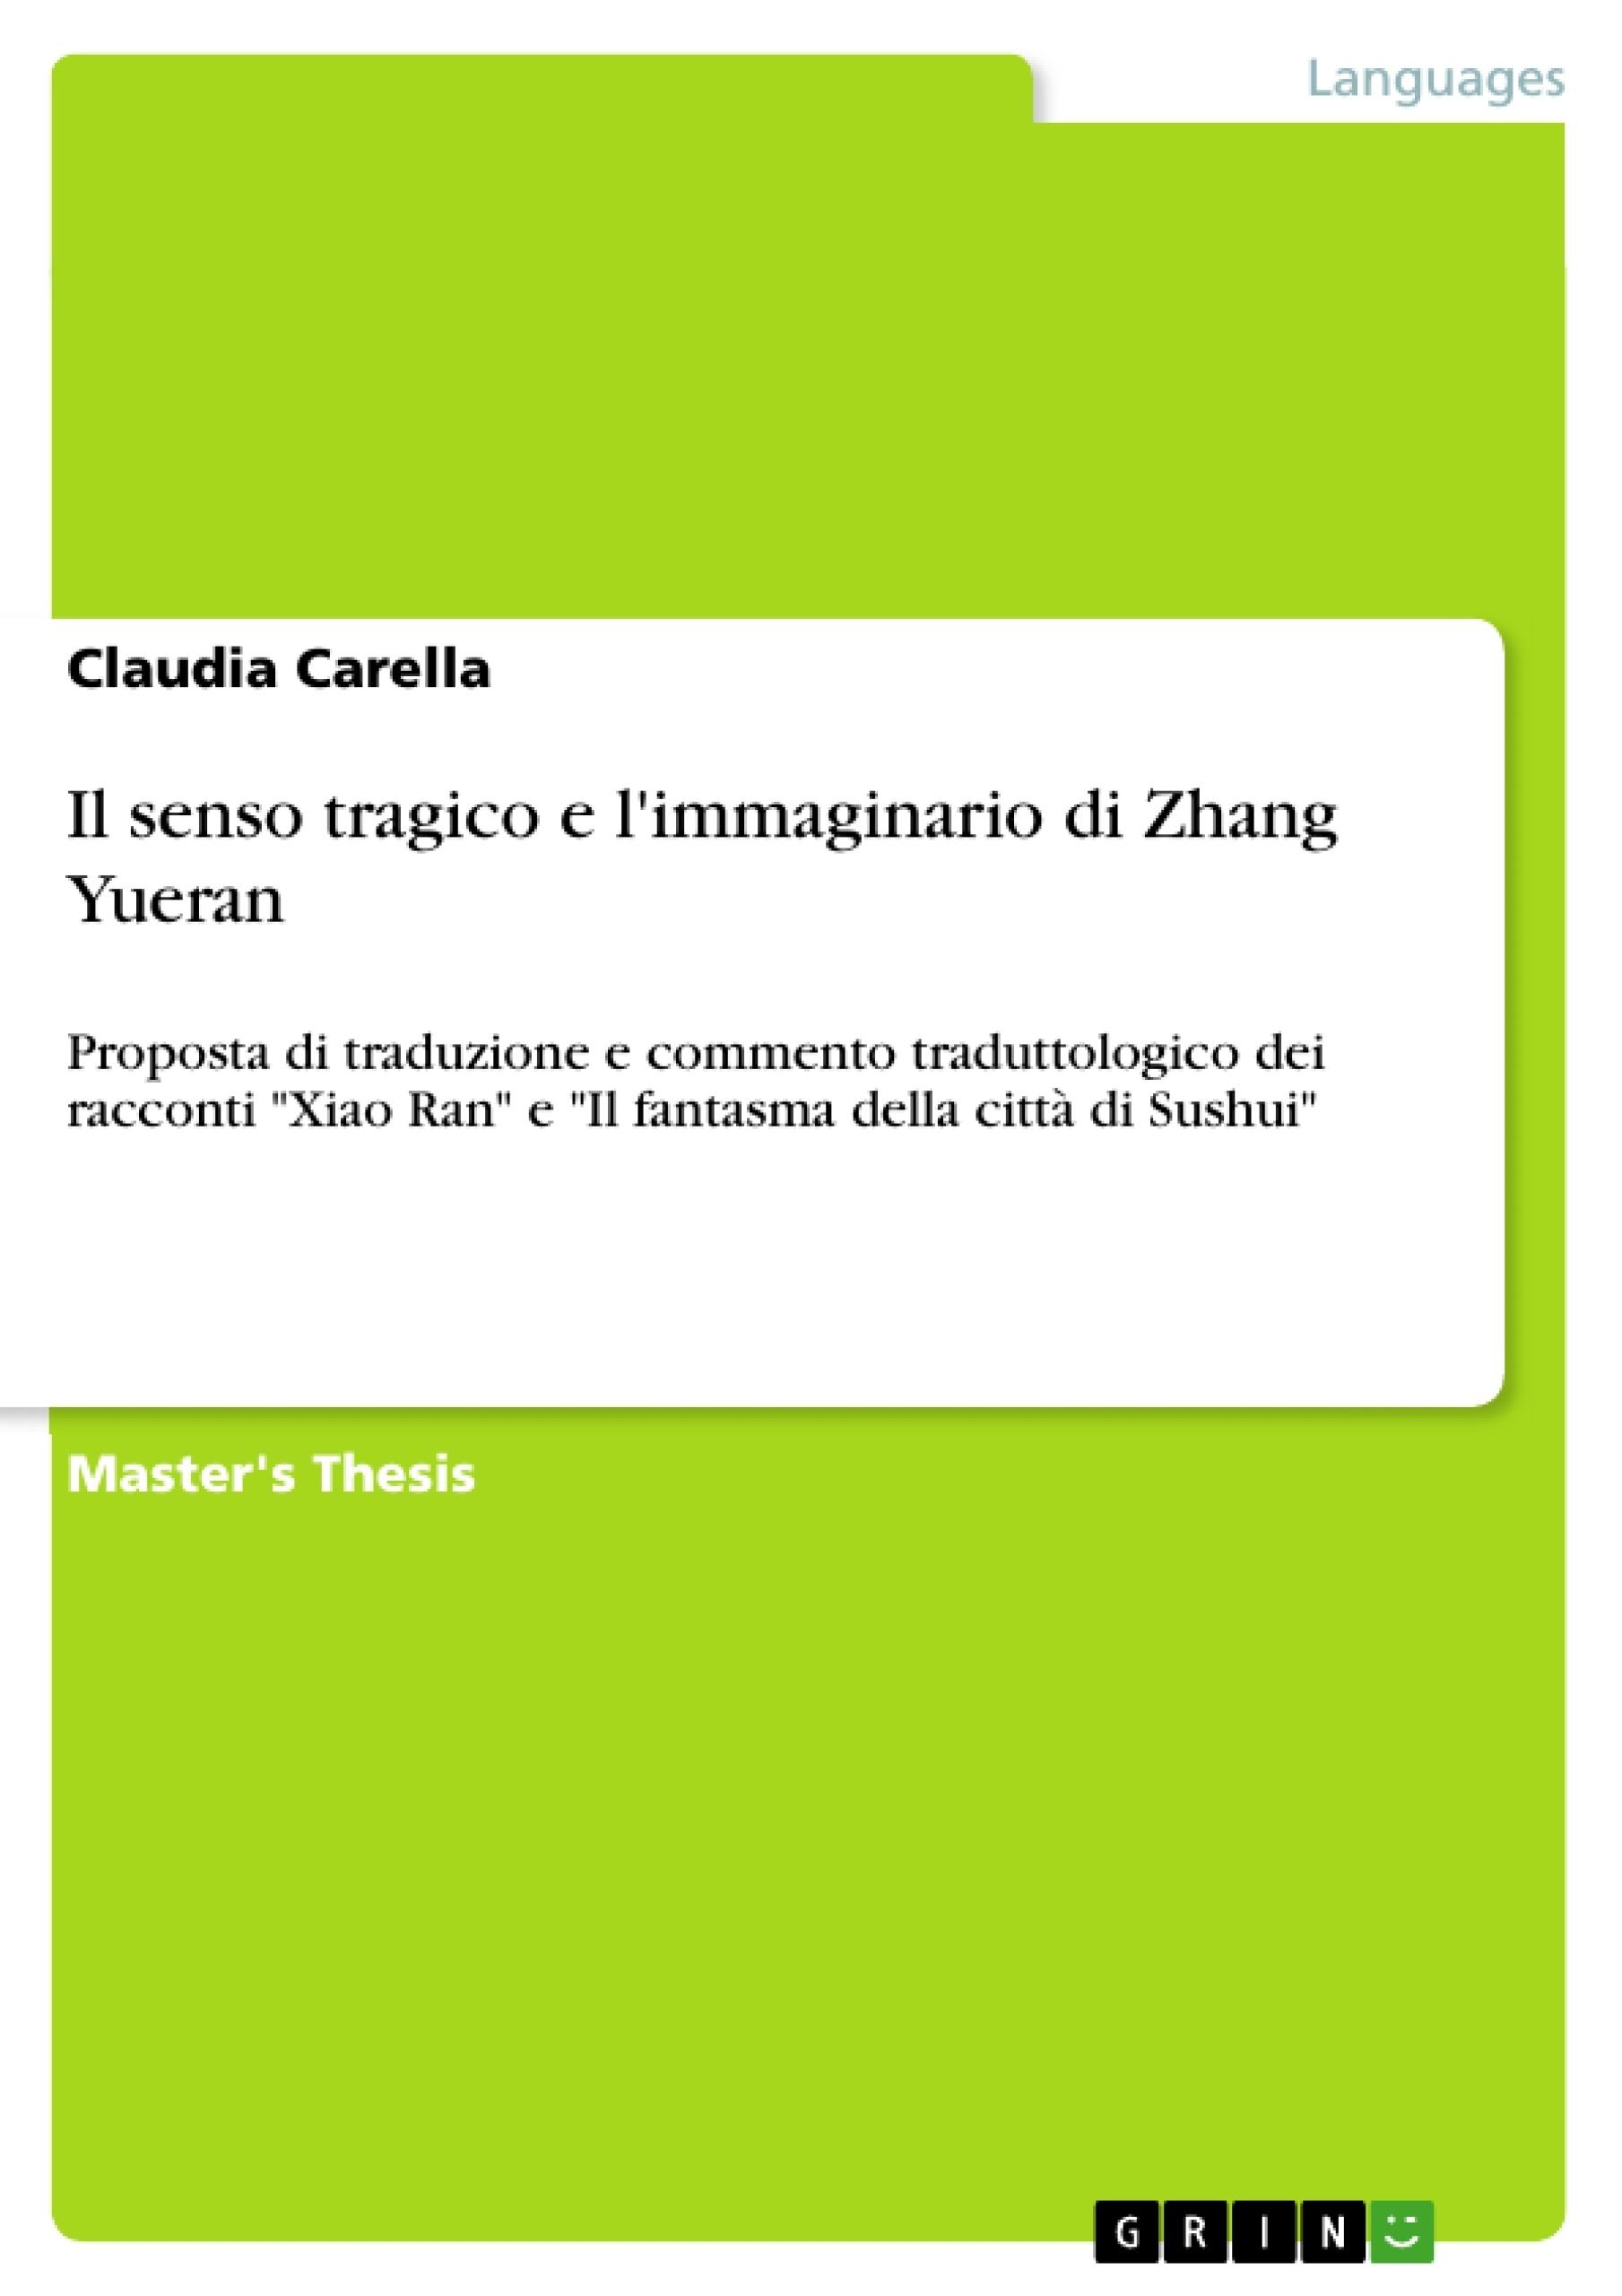 Title: Il senso tragico e l'immaginario di Zhang Yueran